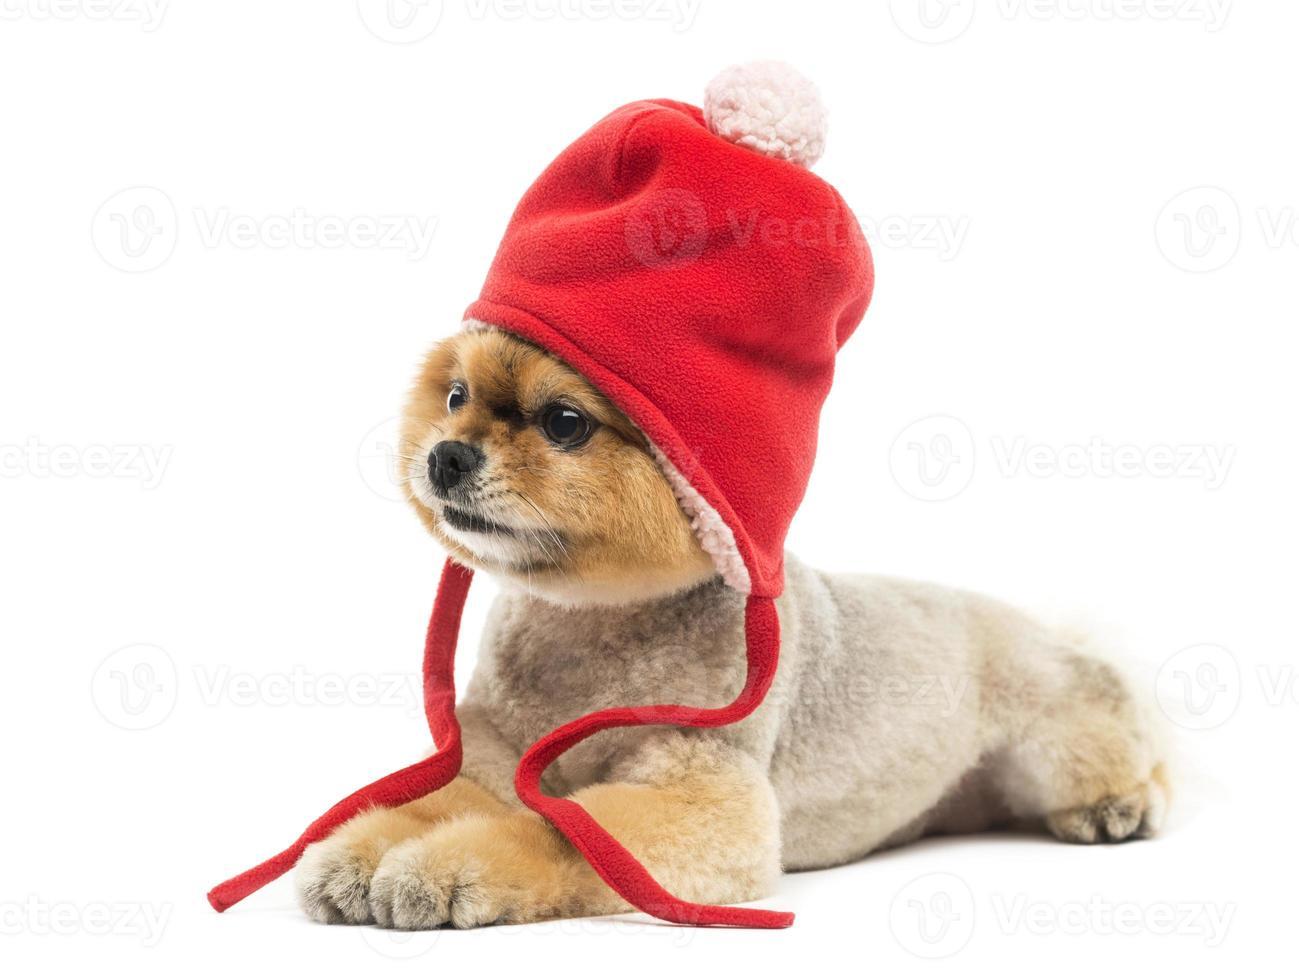 grommed pomeranian cane sdraiato e indossa un cofano rosso foto